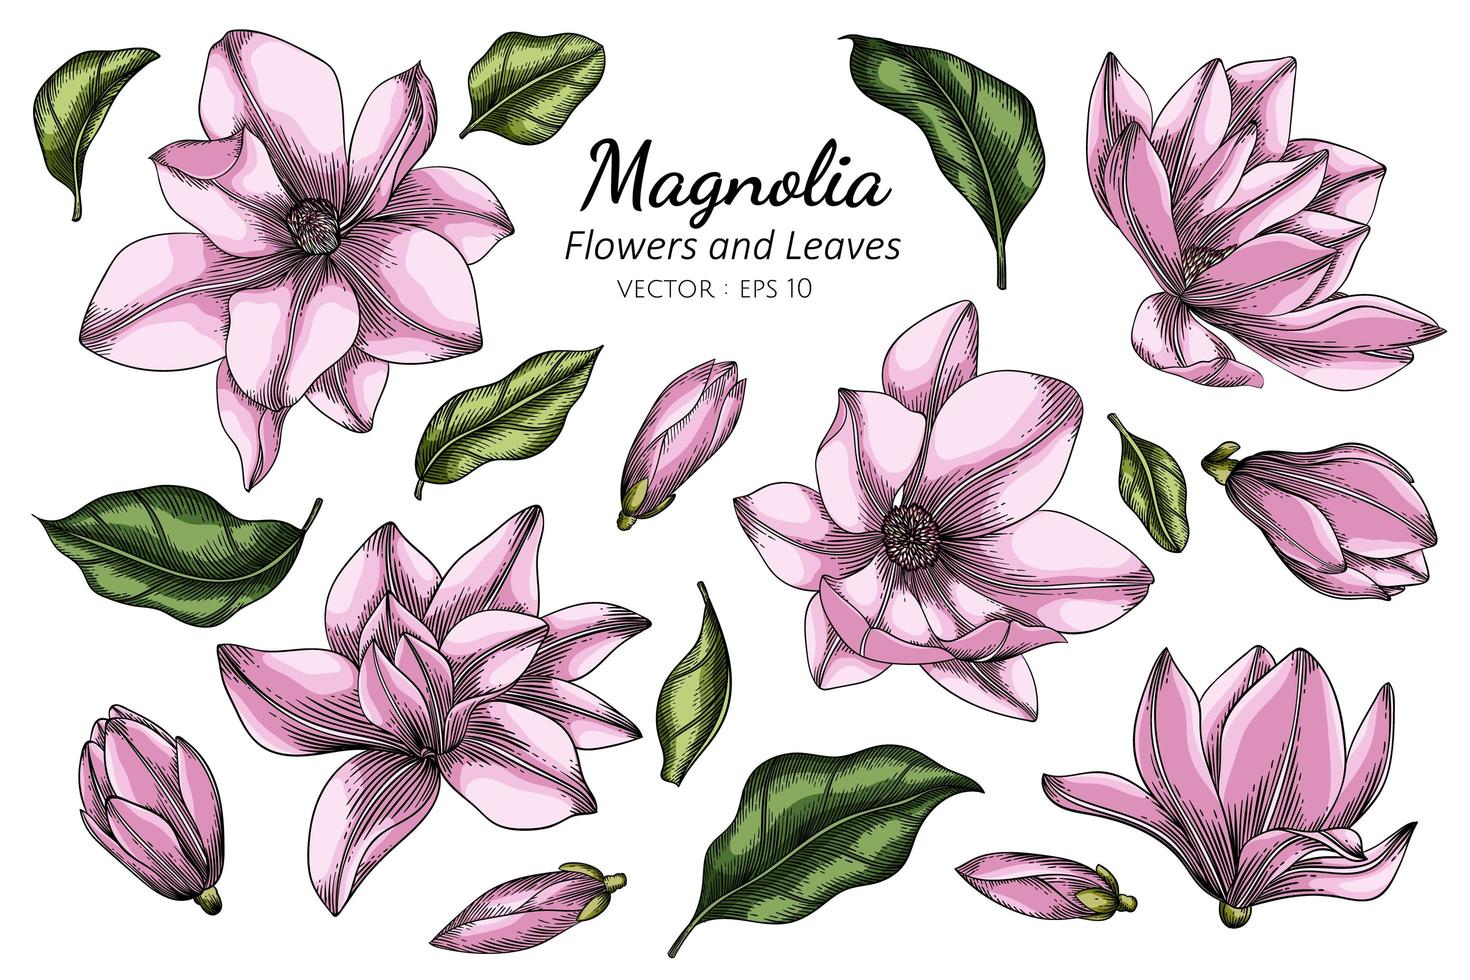 dessin de fleur et feuille de magnolia rose vecteur